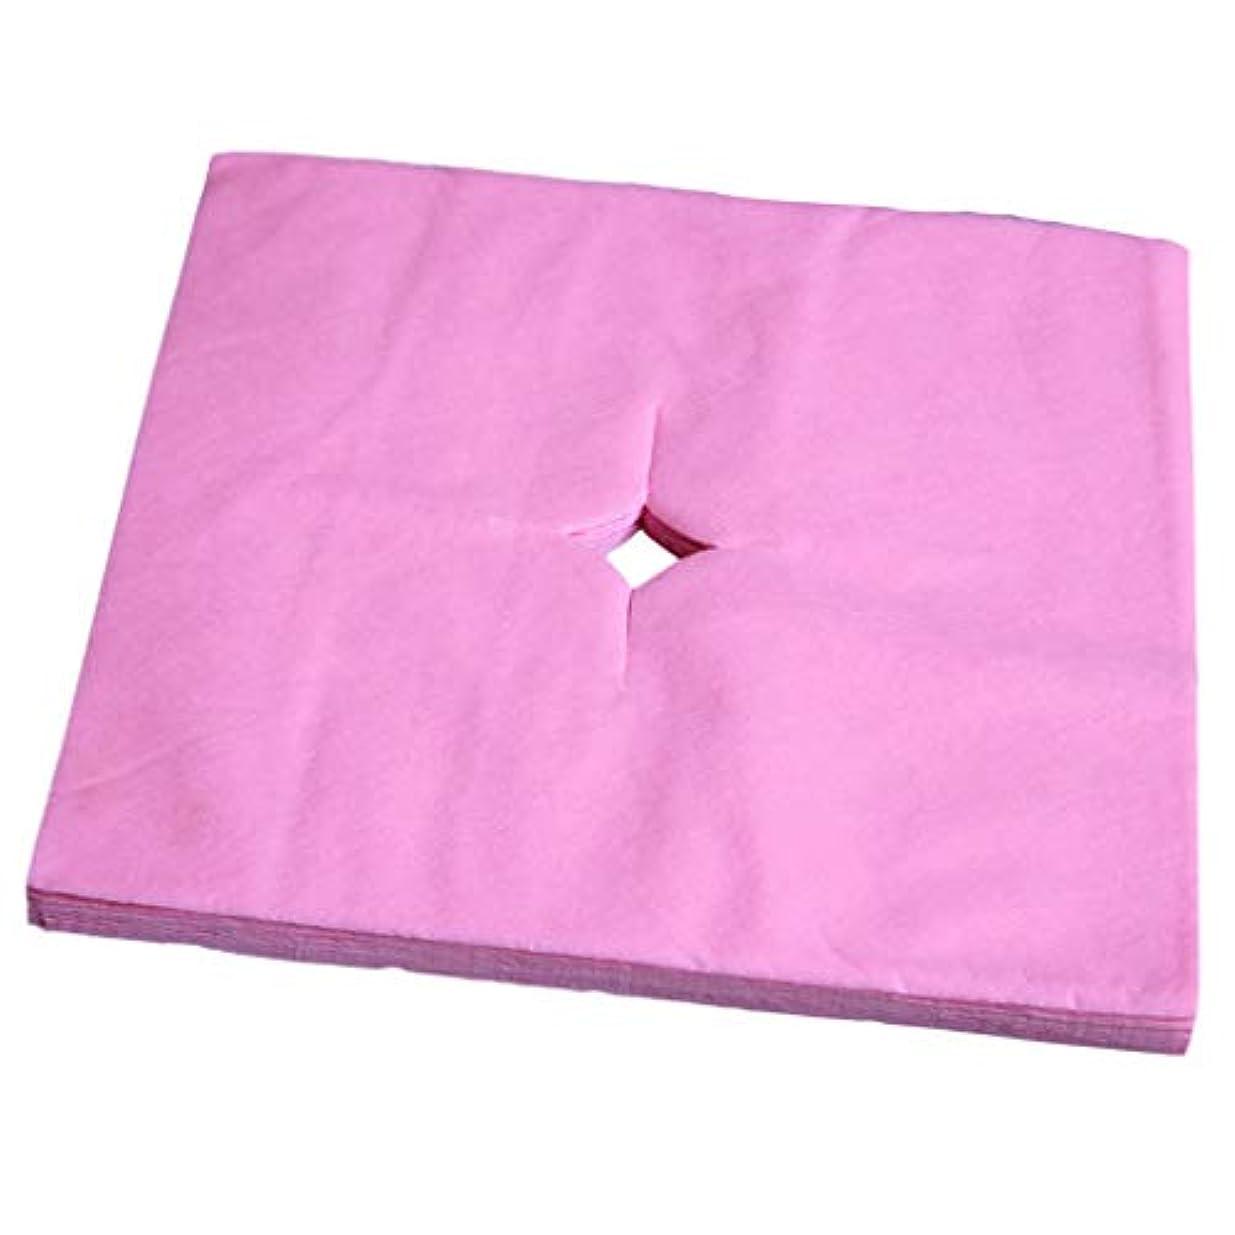 圧倒的荷物柔らかい足フェイスクレードルカバー 使い捨て 寝具カバー 不織布 柔らかい 便利 衛生的 全3色 - ピンク